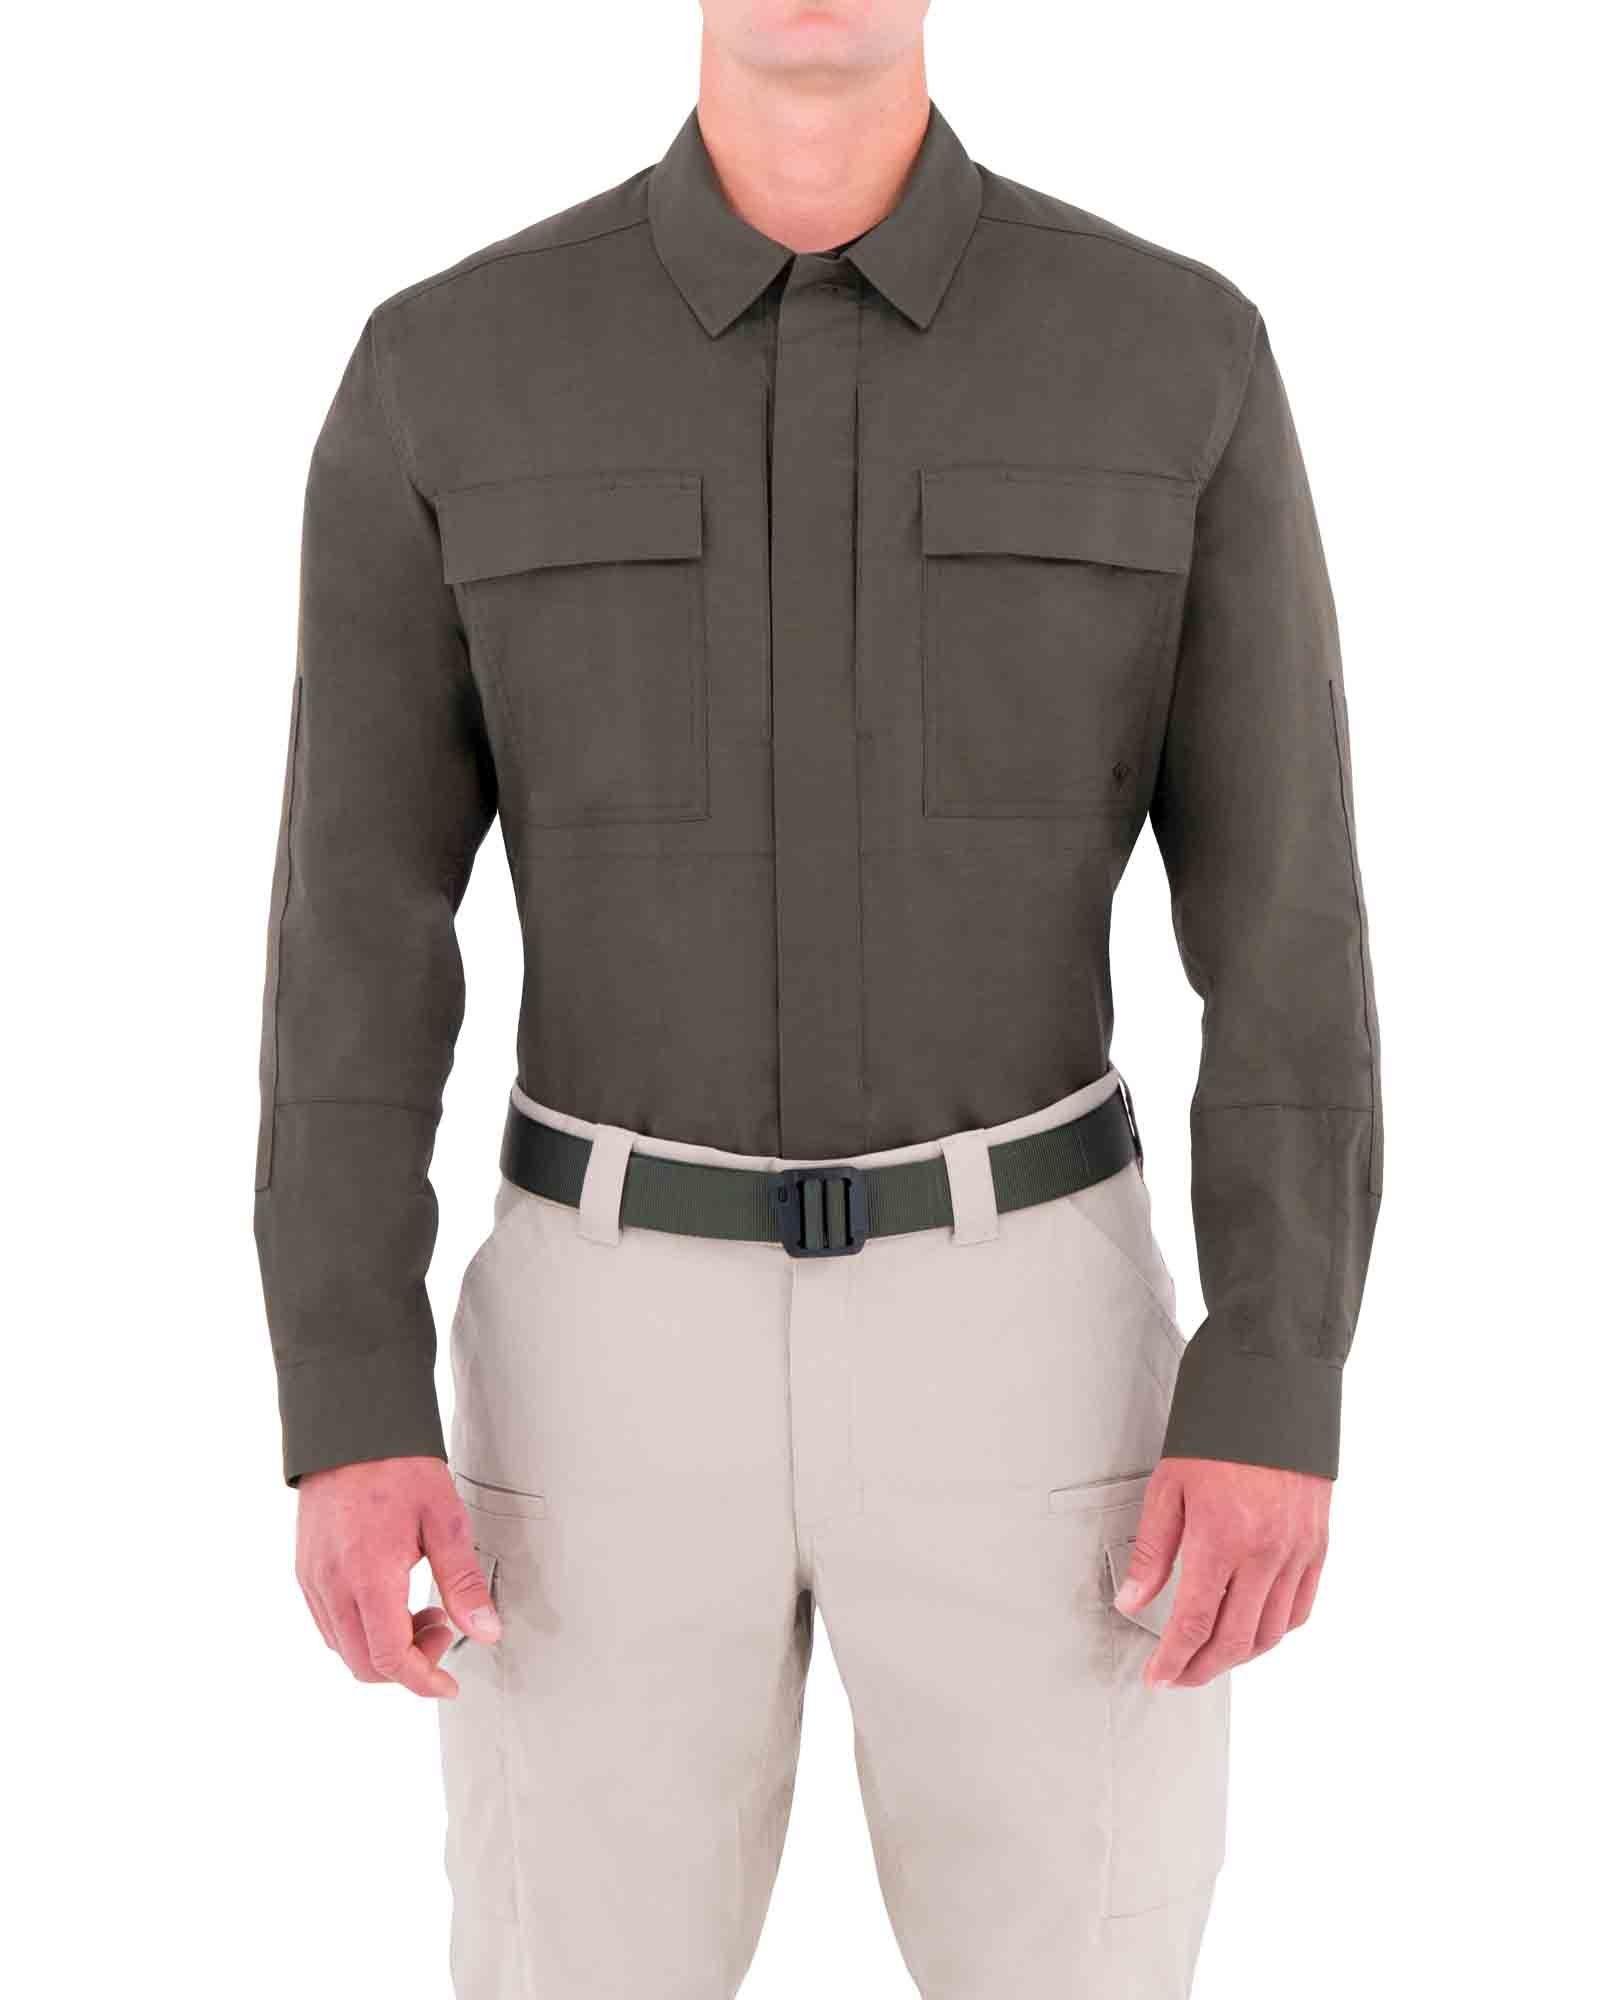 a583a1147849 First Tactical Men's Tactix Series Long Sleeve BDU Shirt - Uniforms -  Streicher's